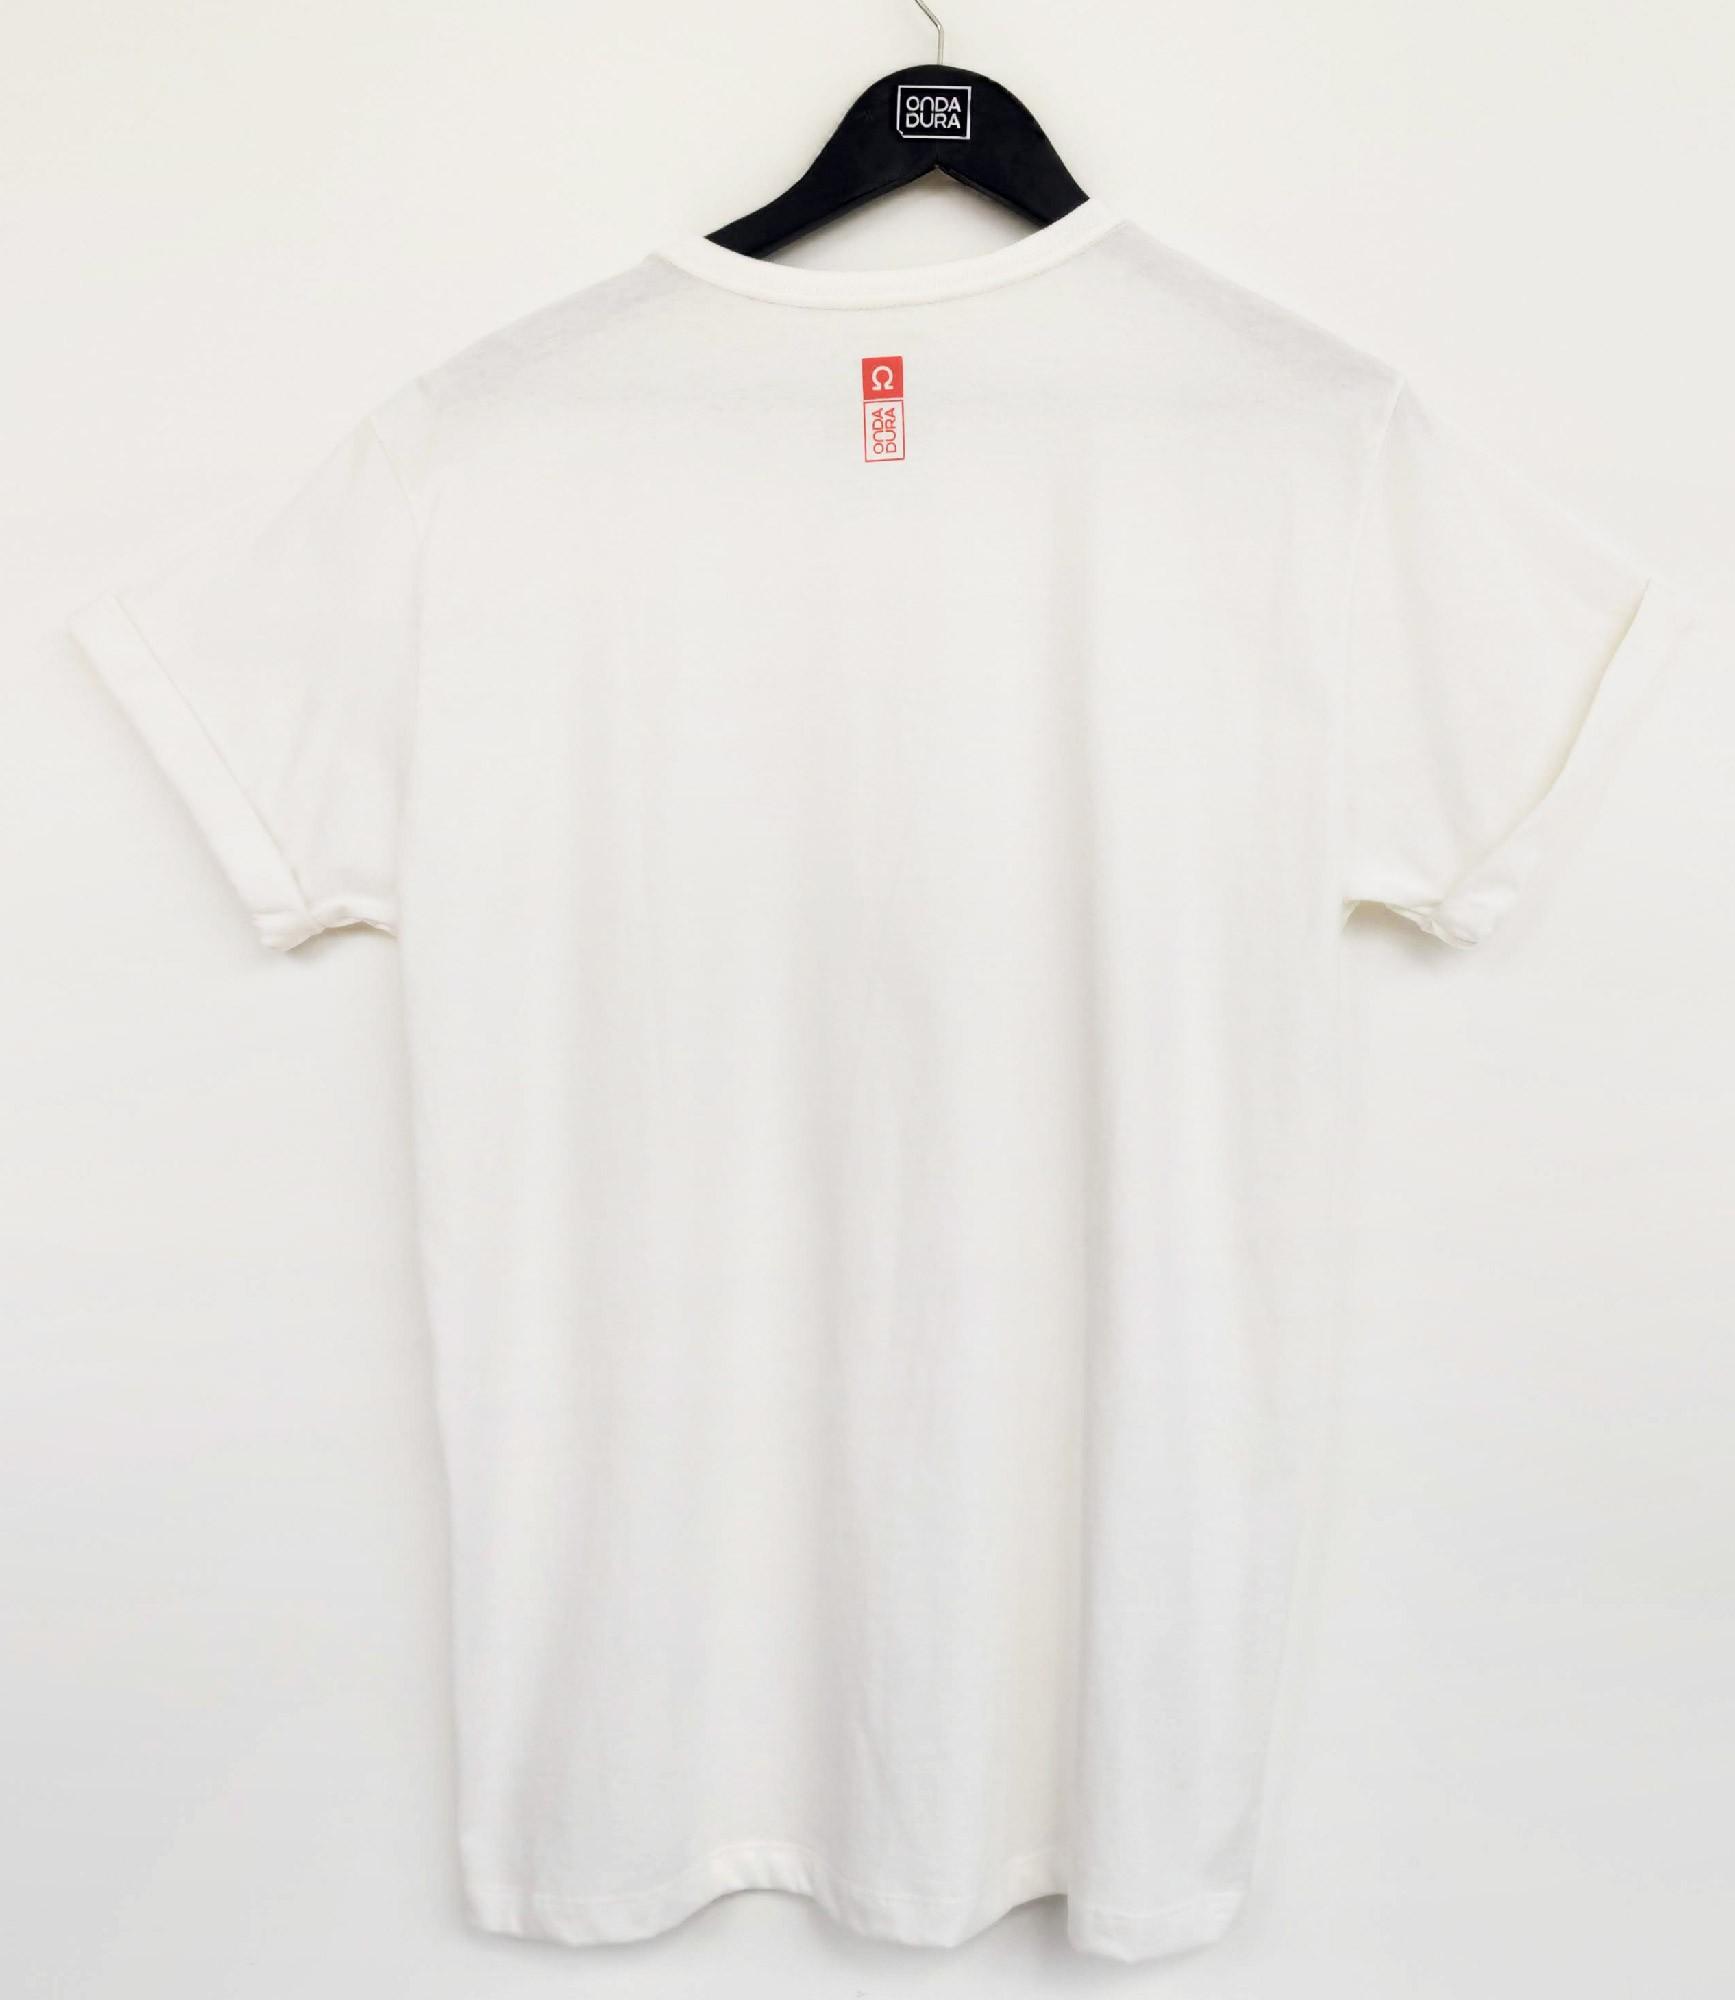 Camiseta manga dobrada com frase